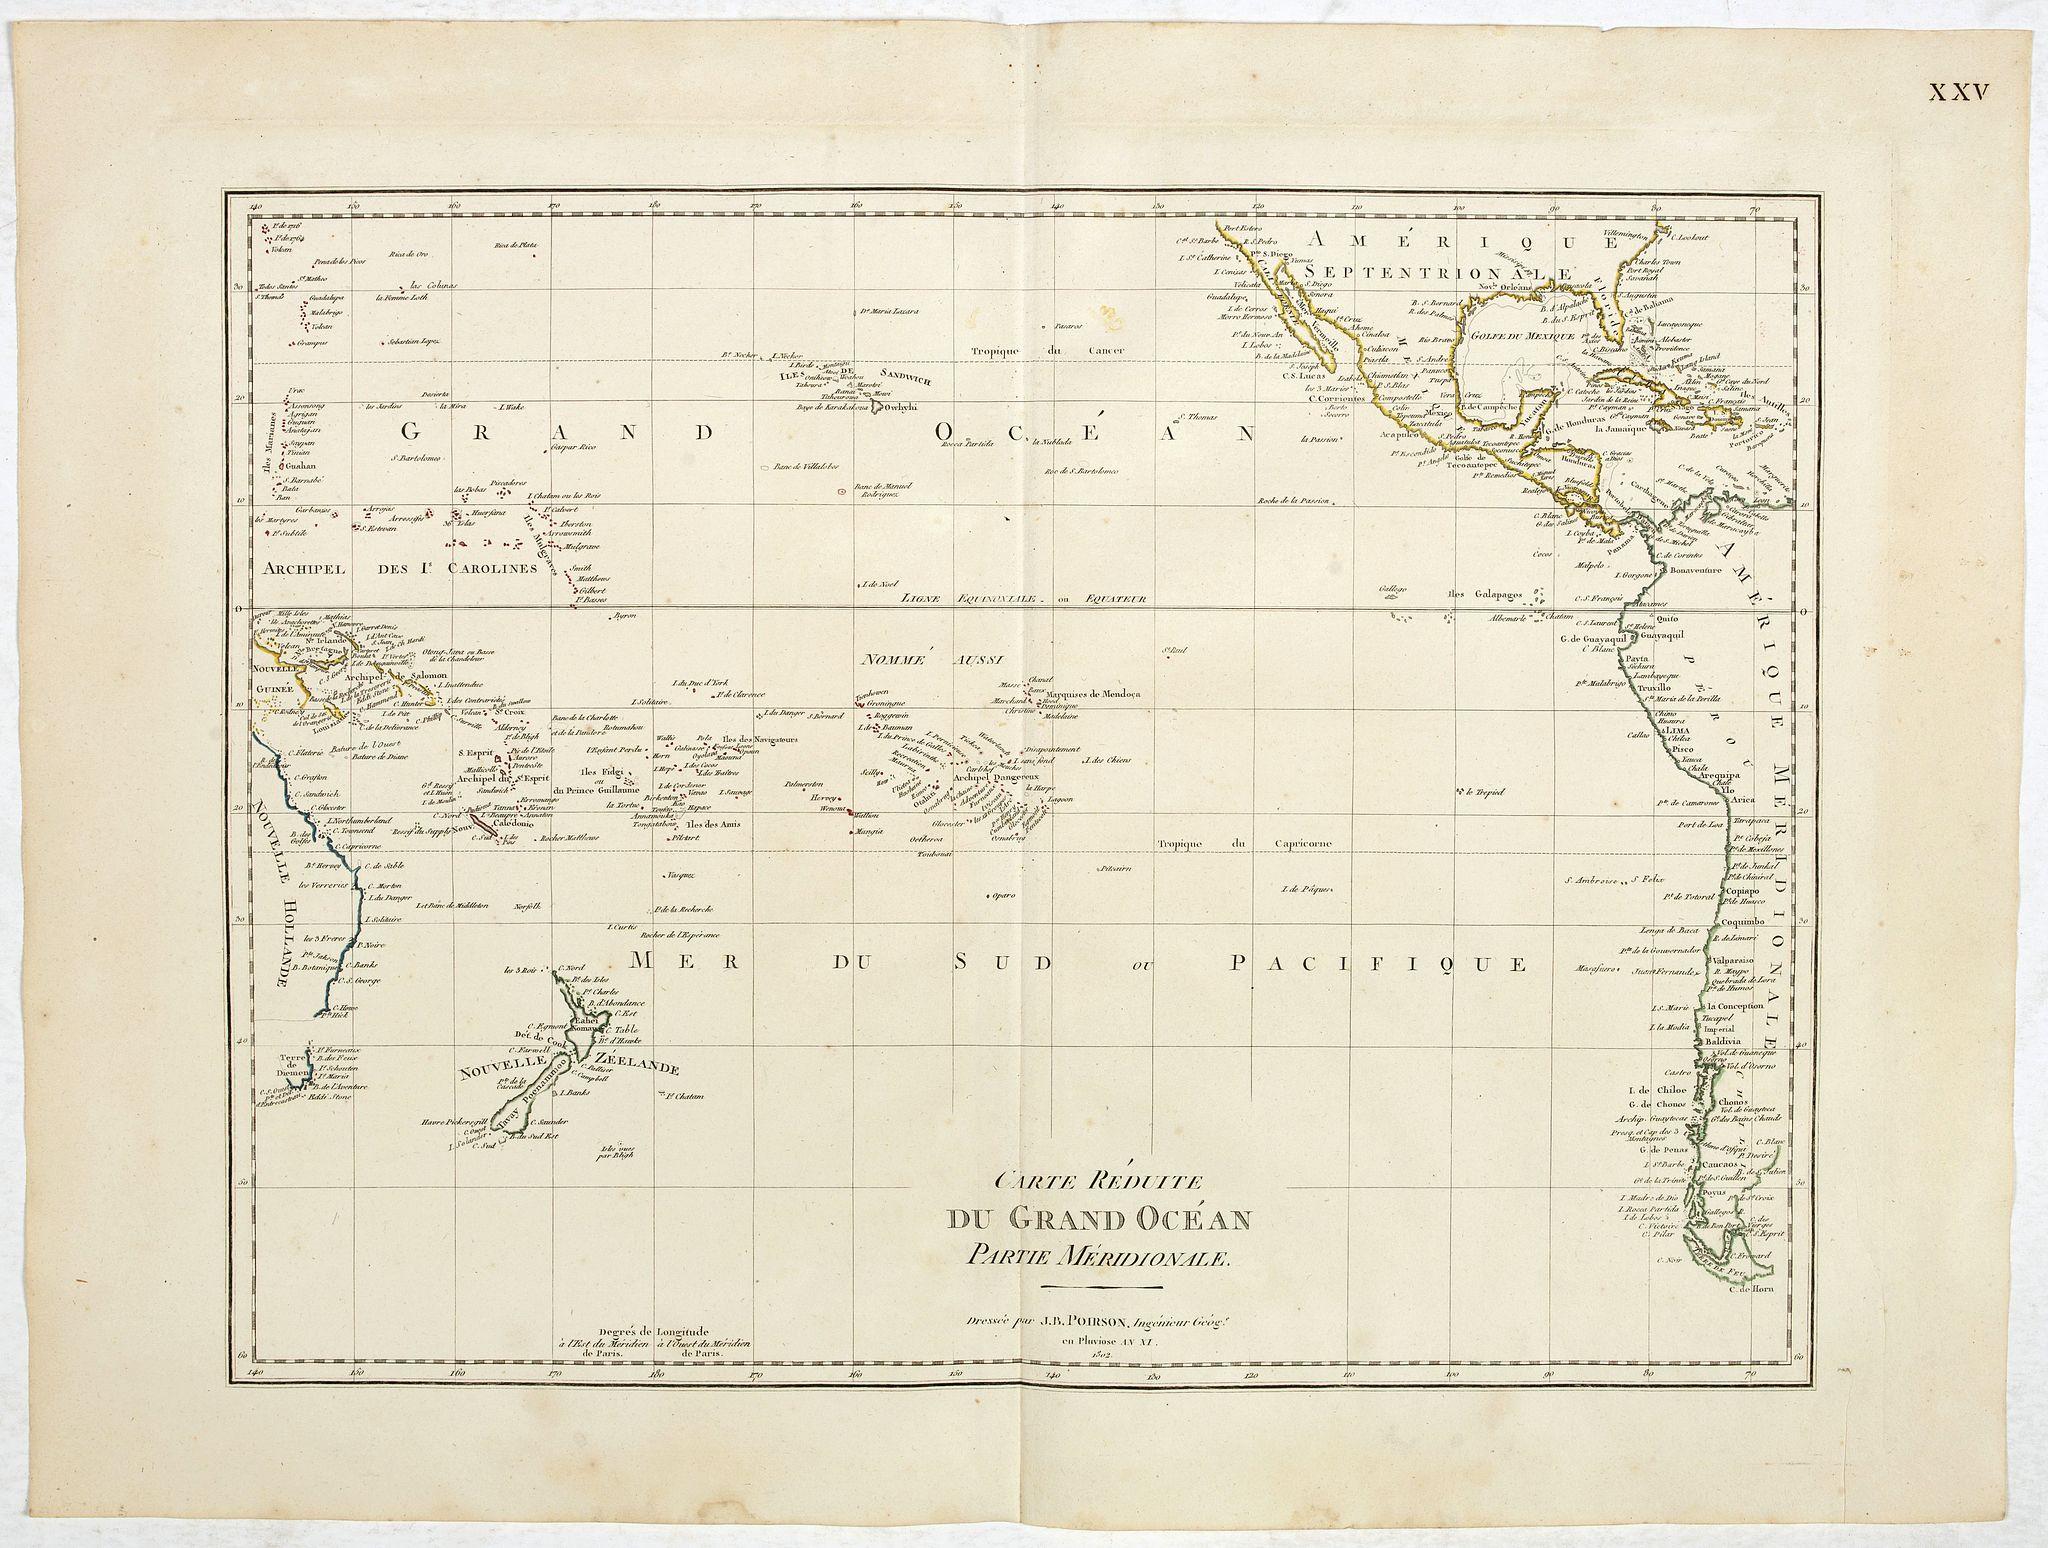 POIRSON, J.B. -  Carte reduite du Grand Océan partie Mériodionale. (Page XXV)